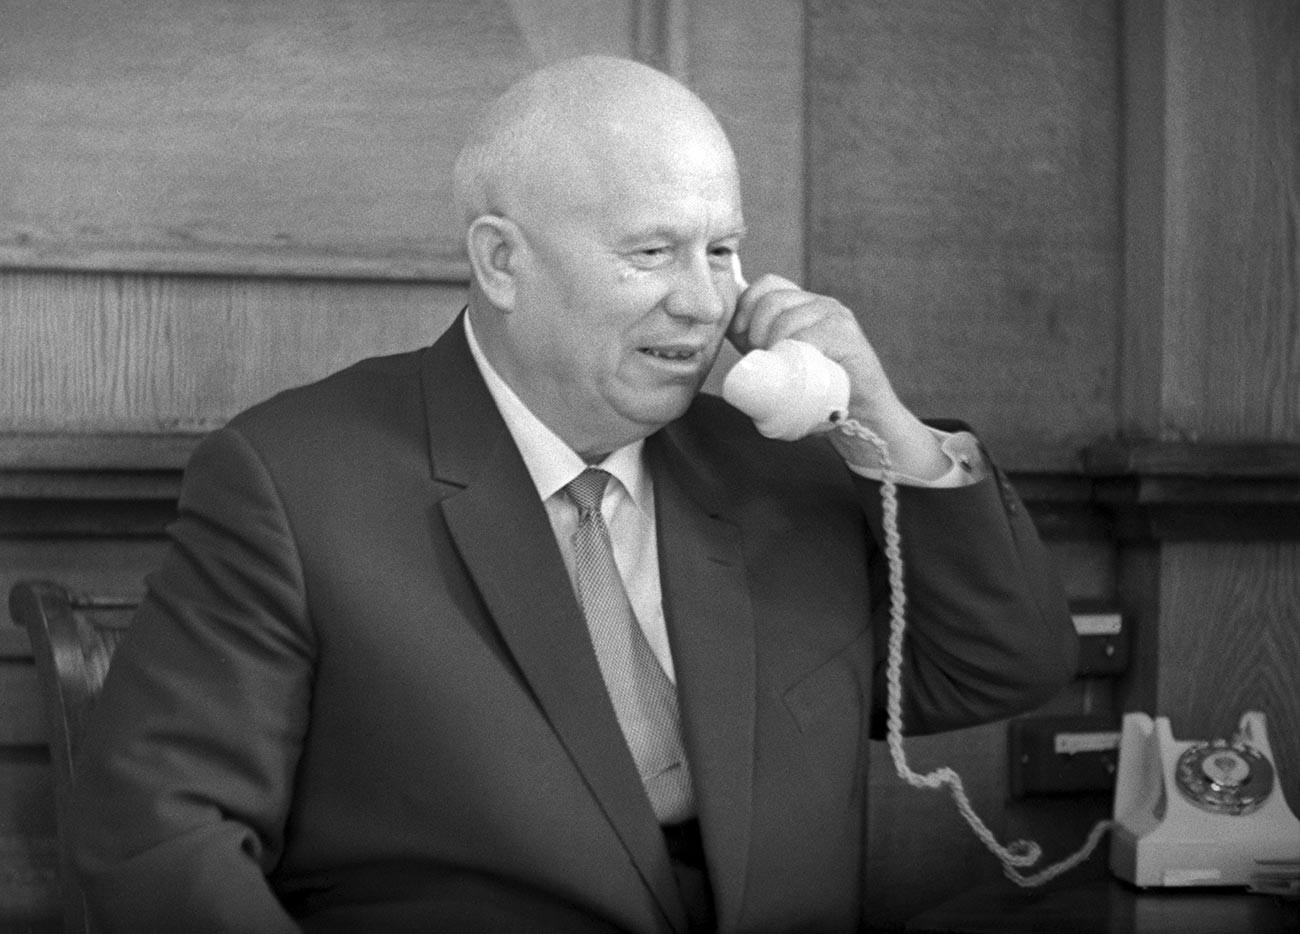 Москва, Кремъл. Първият секретар на ЦК на КПСС Никита Хрушчов в работния си кабинет